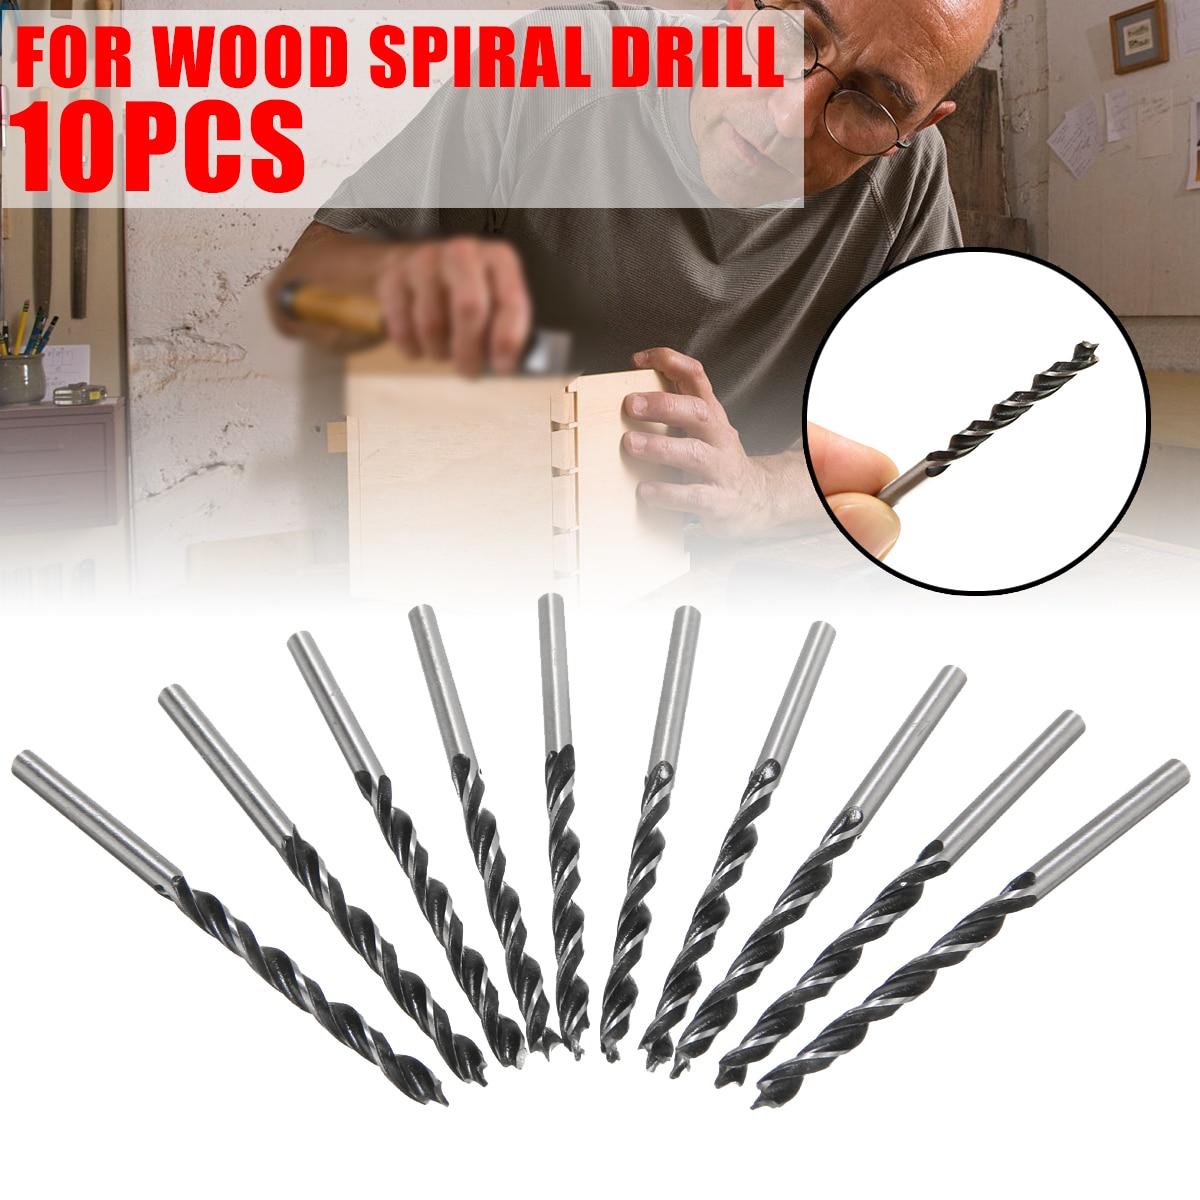 10Pcs 4mm Diameter Twist Drill Bits Set Woodworking Twist Drill Bit Wood Drills With Center Point For Woodworking Power Tools